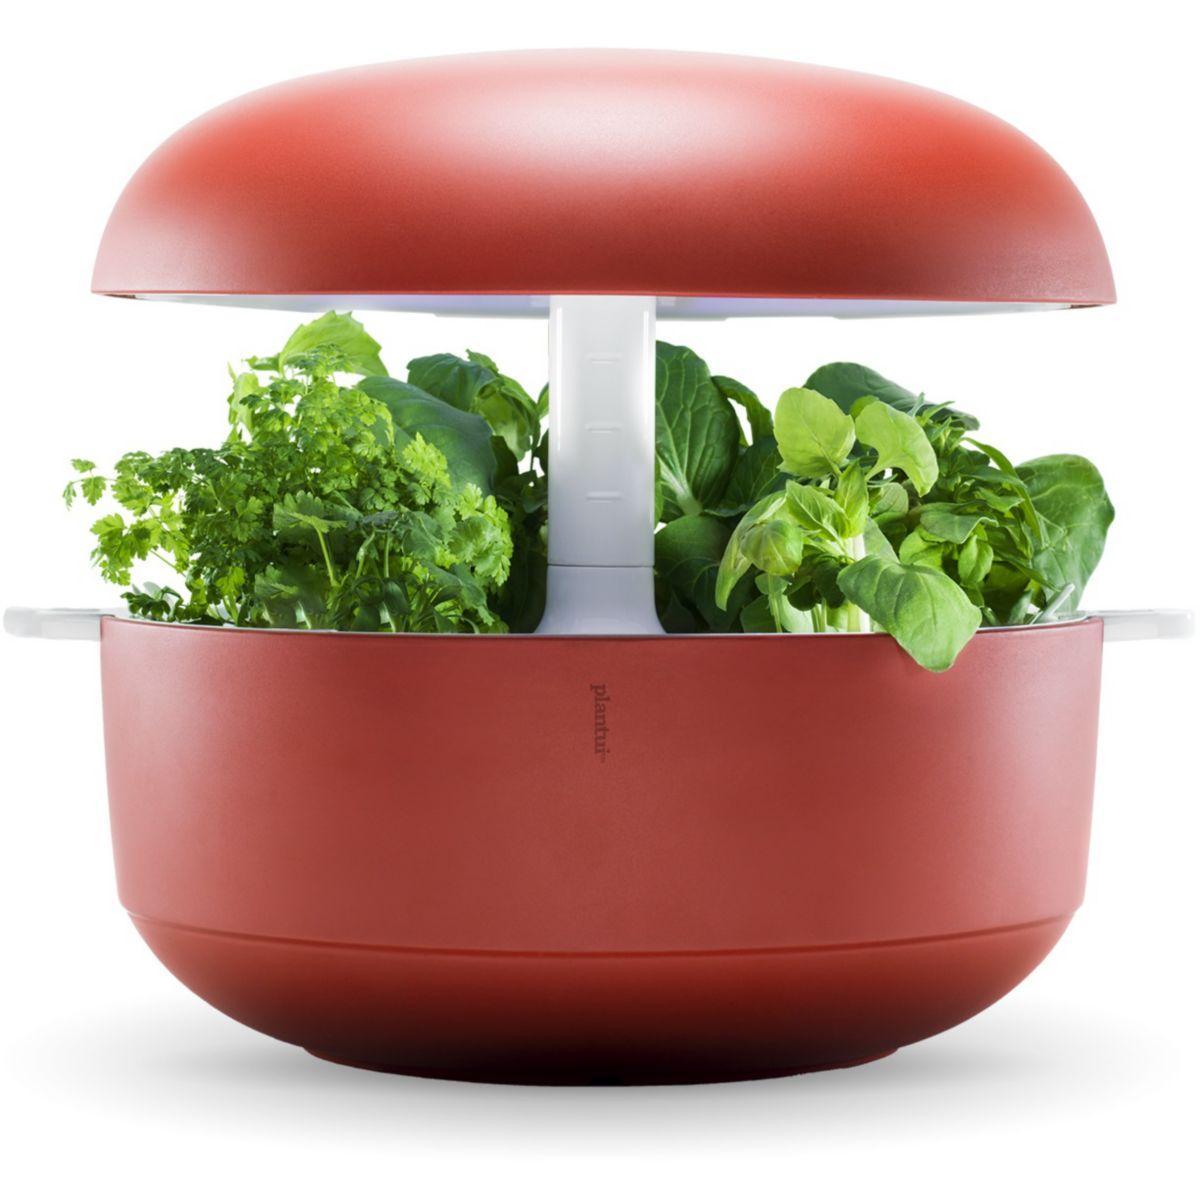 Jardin d'int�rieur plantui 6 smart garden rouge - 15% de remise imm�diate avec le code : priv15 (photo)